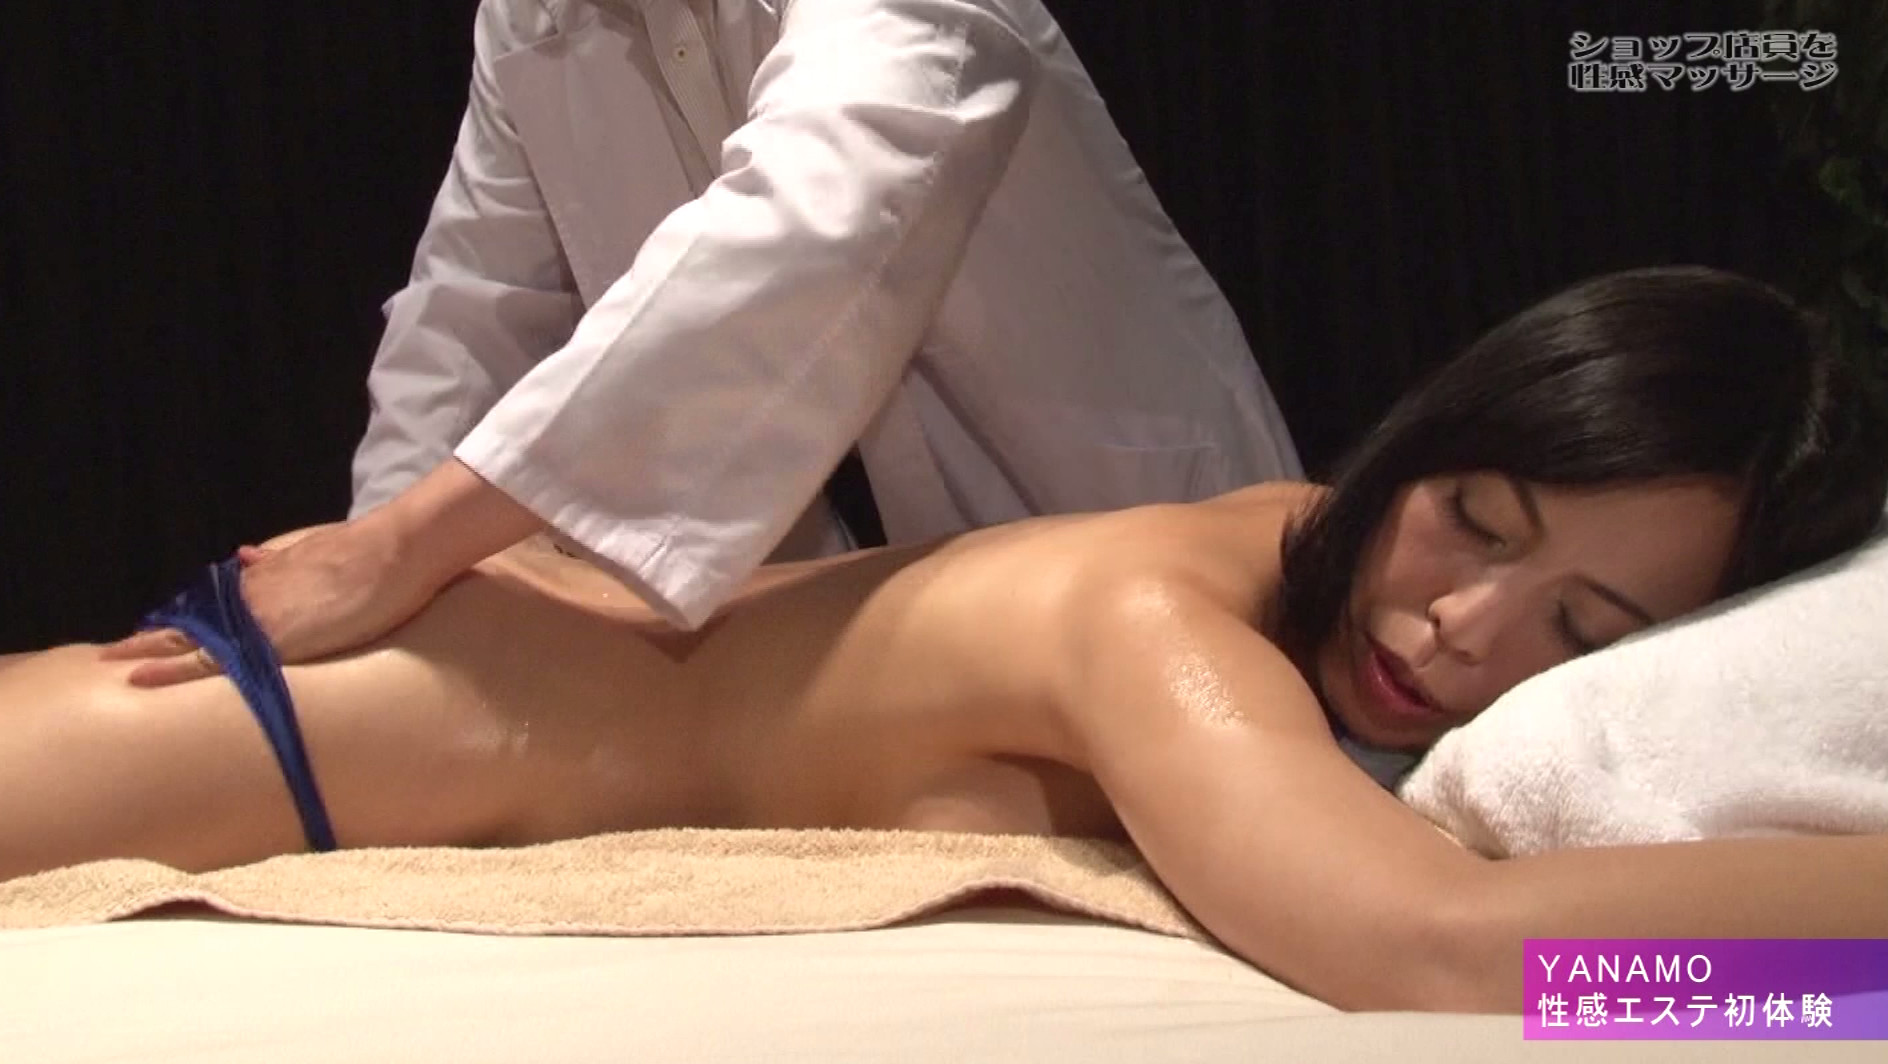 かわいいショップ店員のお姉さんを性感マッサージでとことんイカせてみた 画像6